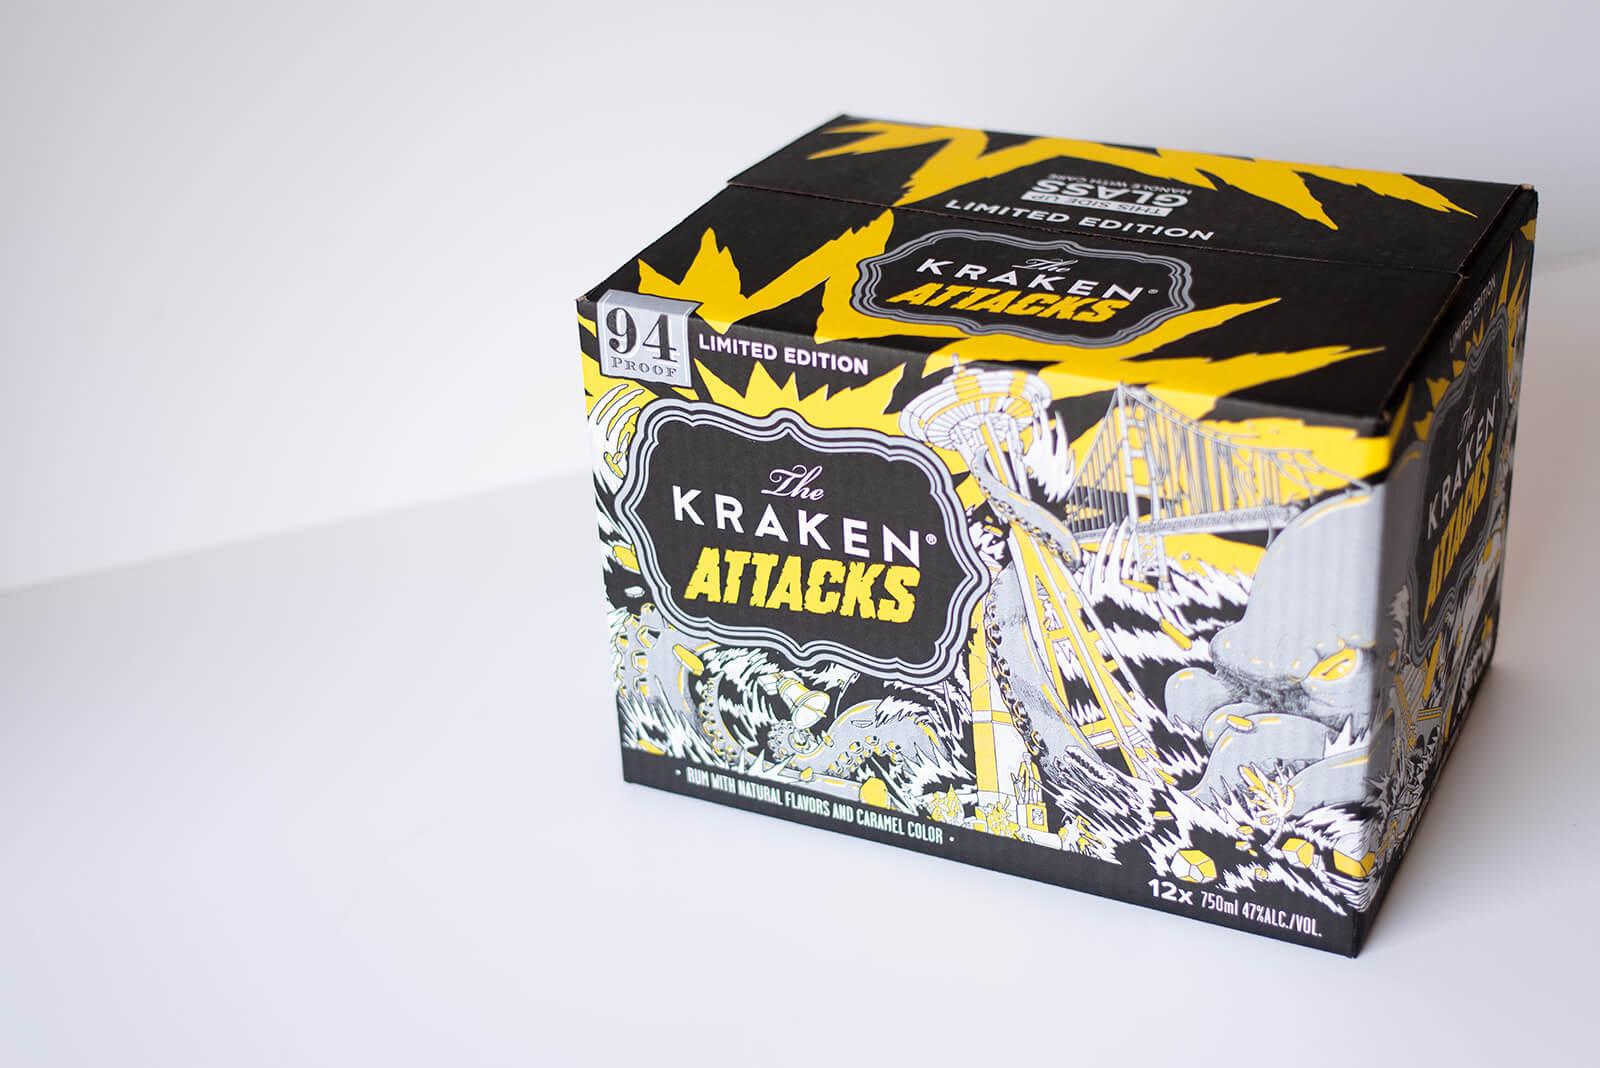 Kraken Designed Liquor Box